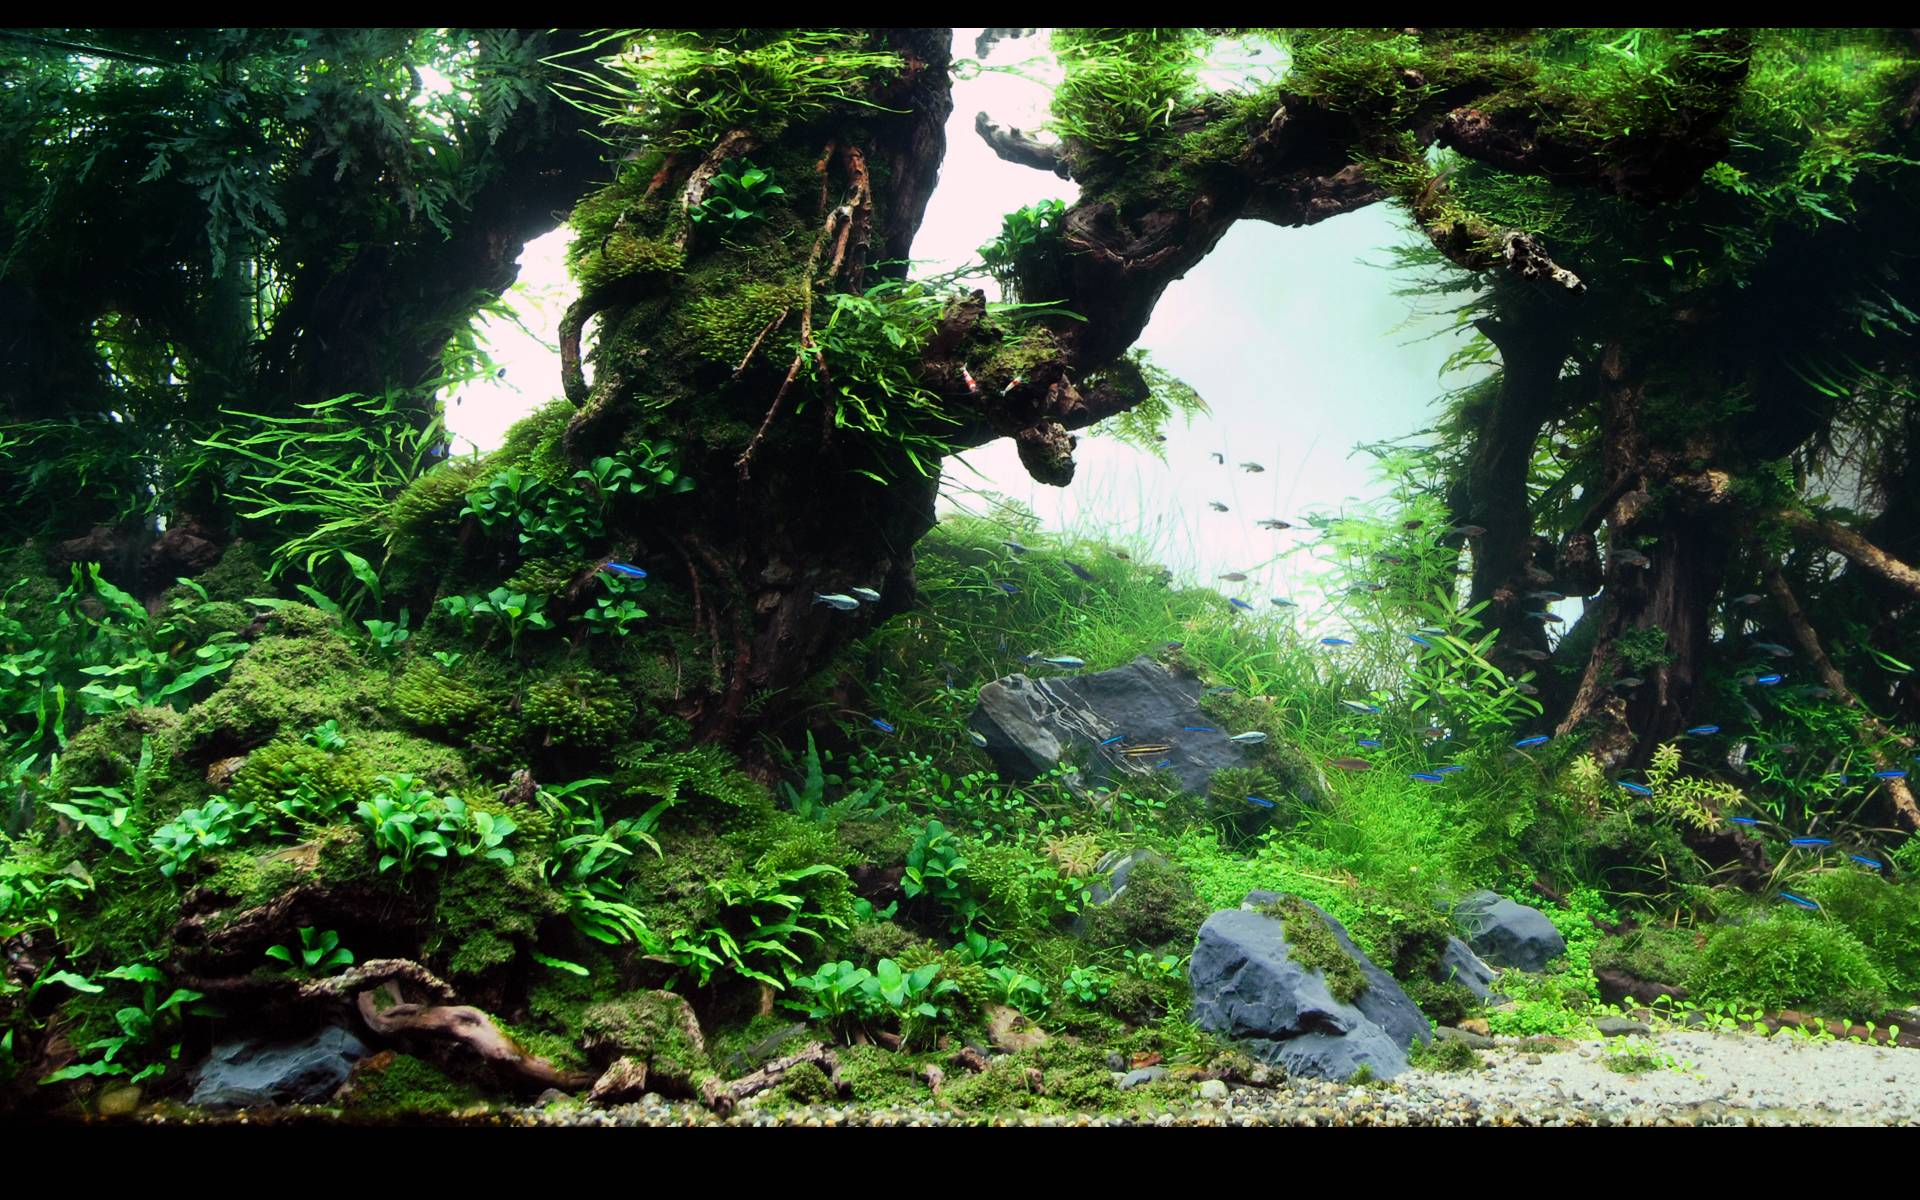 Aquarium Backgrounds 35 Desktop Background | WallFortuner.